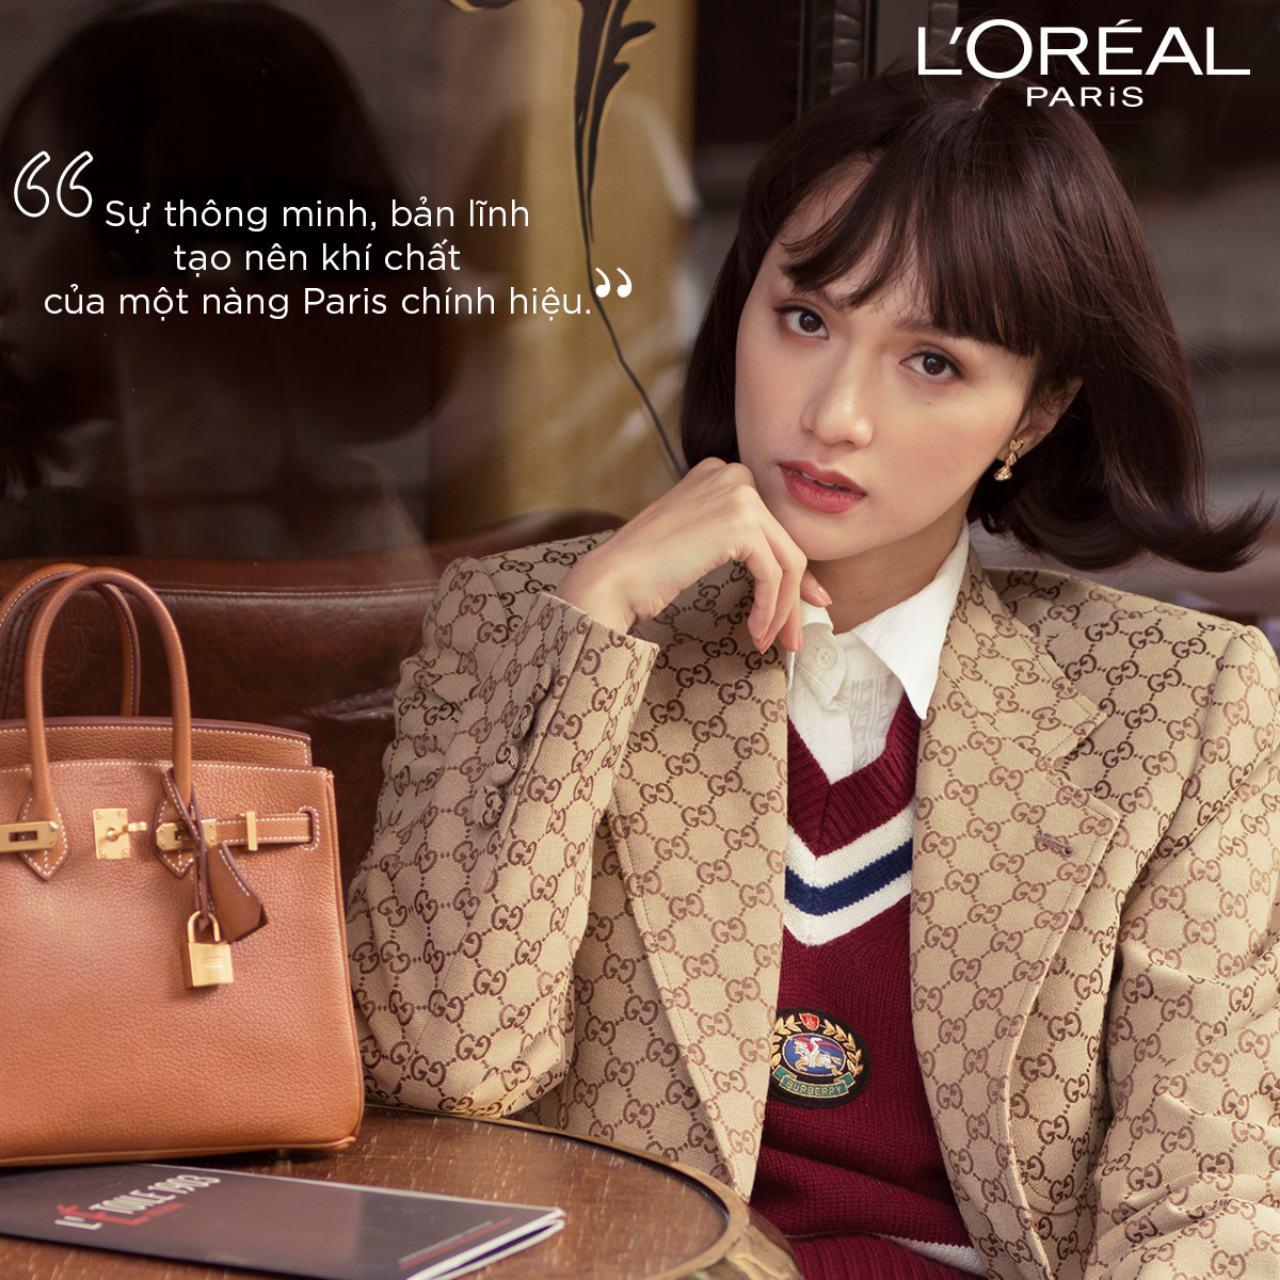 """Học con gái Pháp chăm làn da, mái tóc với 2 bảo bối này, Hương Giang mới nổi bật giữa """"rừng nhan sắc ở Paris Fashion Week - Ảnh 2."""